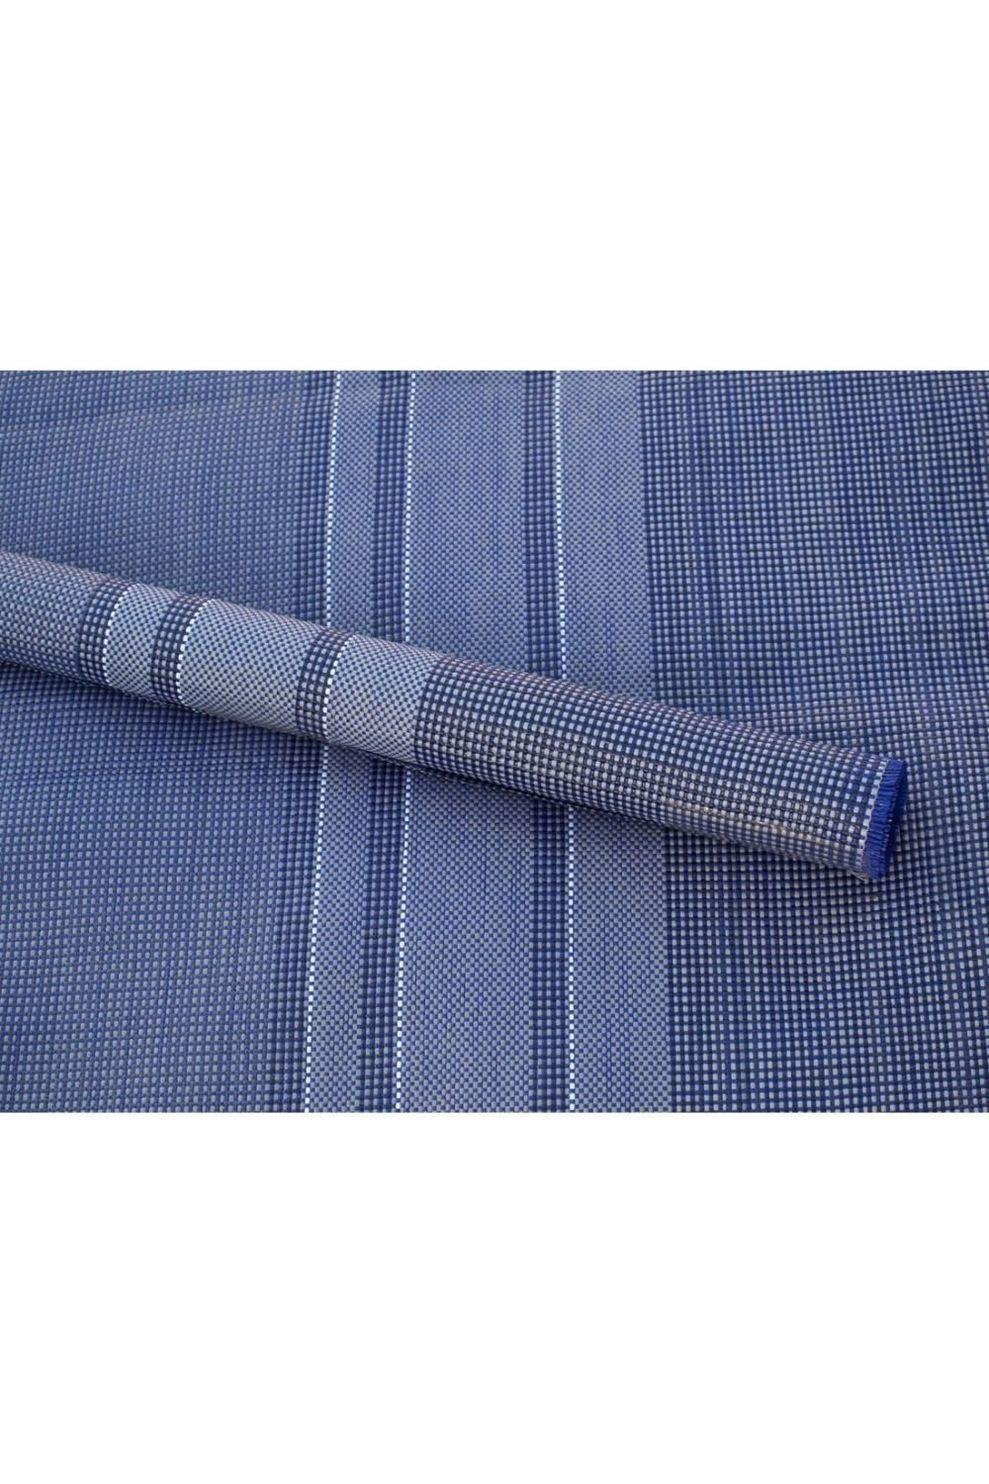 Arisol Accessoire Arisol Tenttapijt Classic 2,5 x 5,5 cm - Blauw